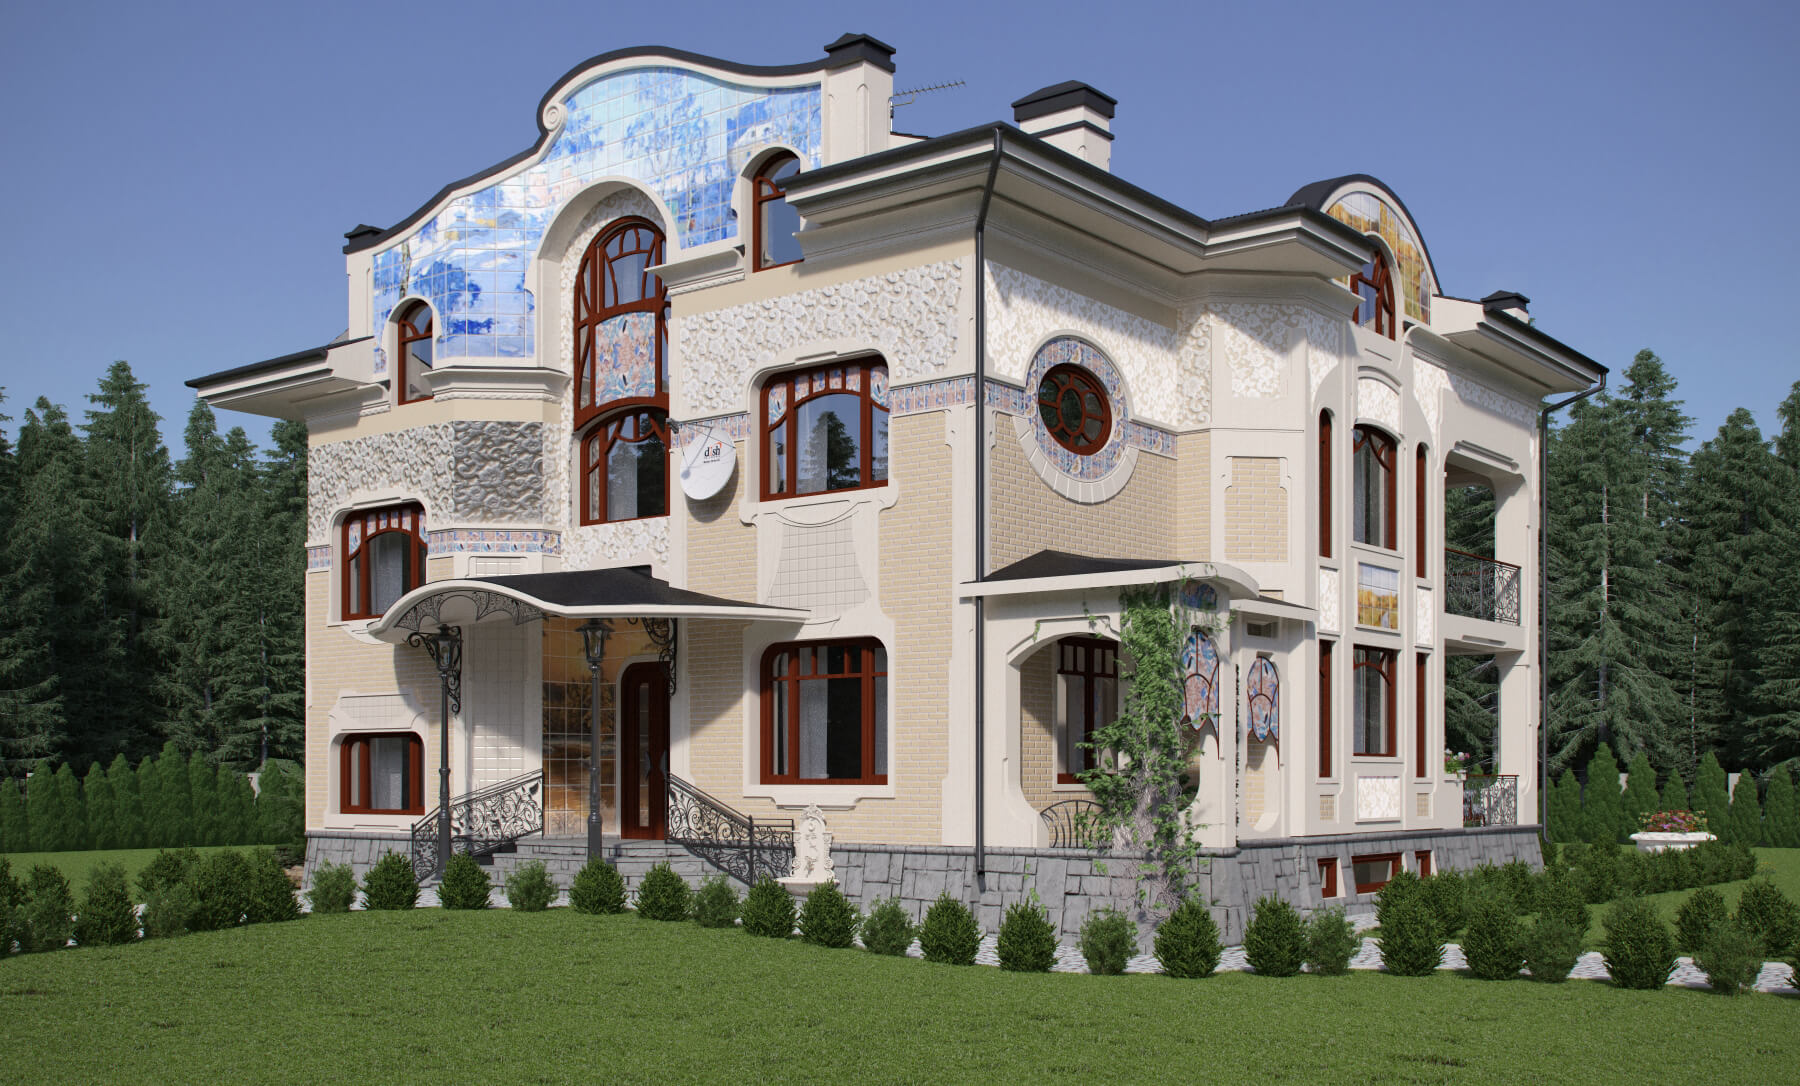 fasad_2-3-1024x618